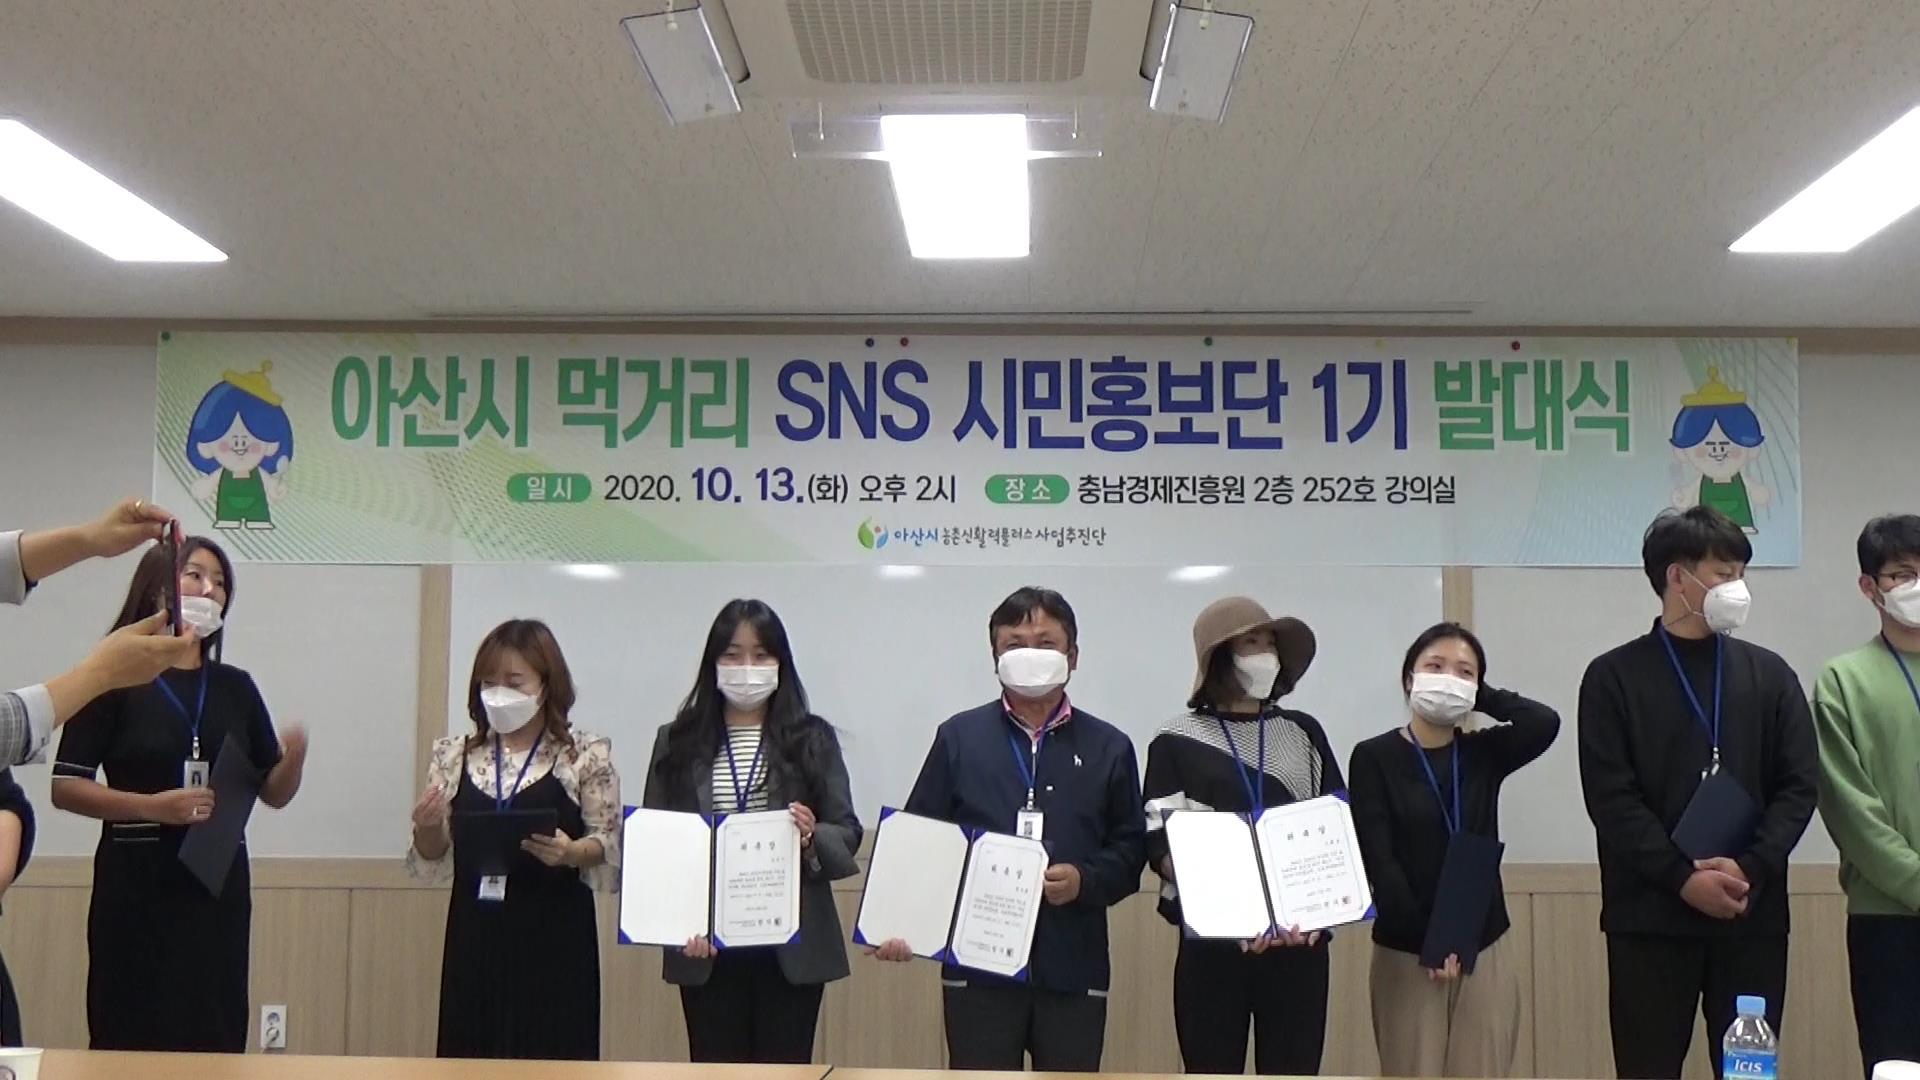 제1기 아산시 먹거리SNS 시민홍보단 발대식